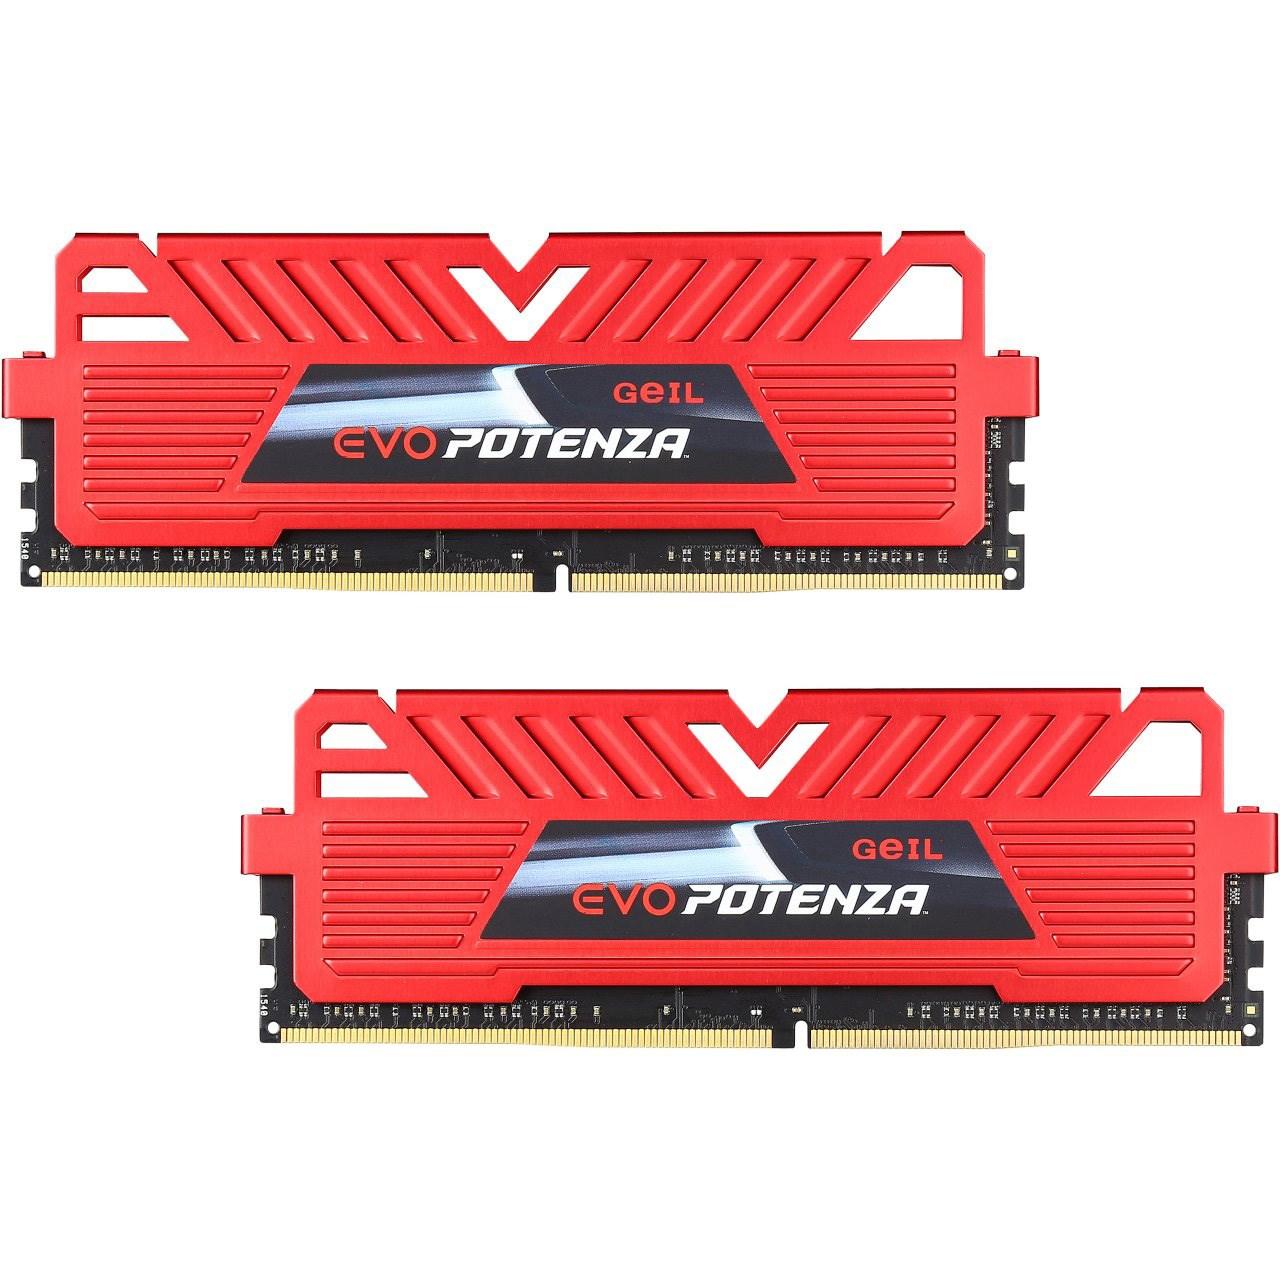 رم دسکتاپ DDR4 دو کاناله 3000 مگاهرتز CL15 گیل مدل Potenza ظرفیت 8 گیگابایت